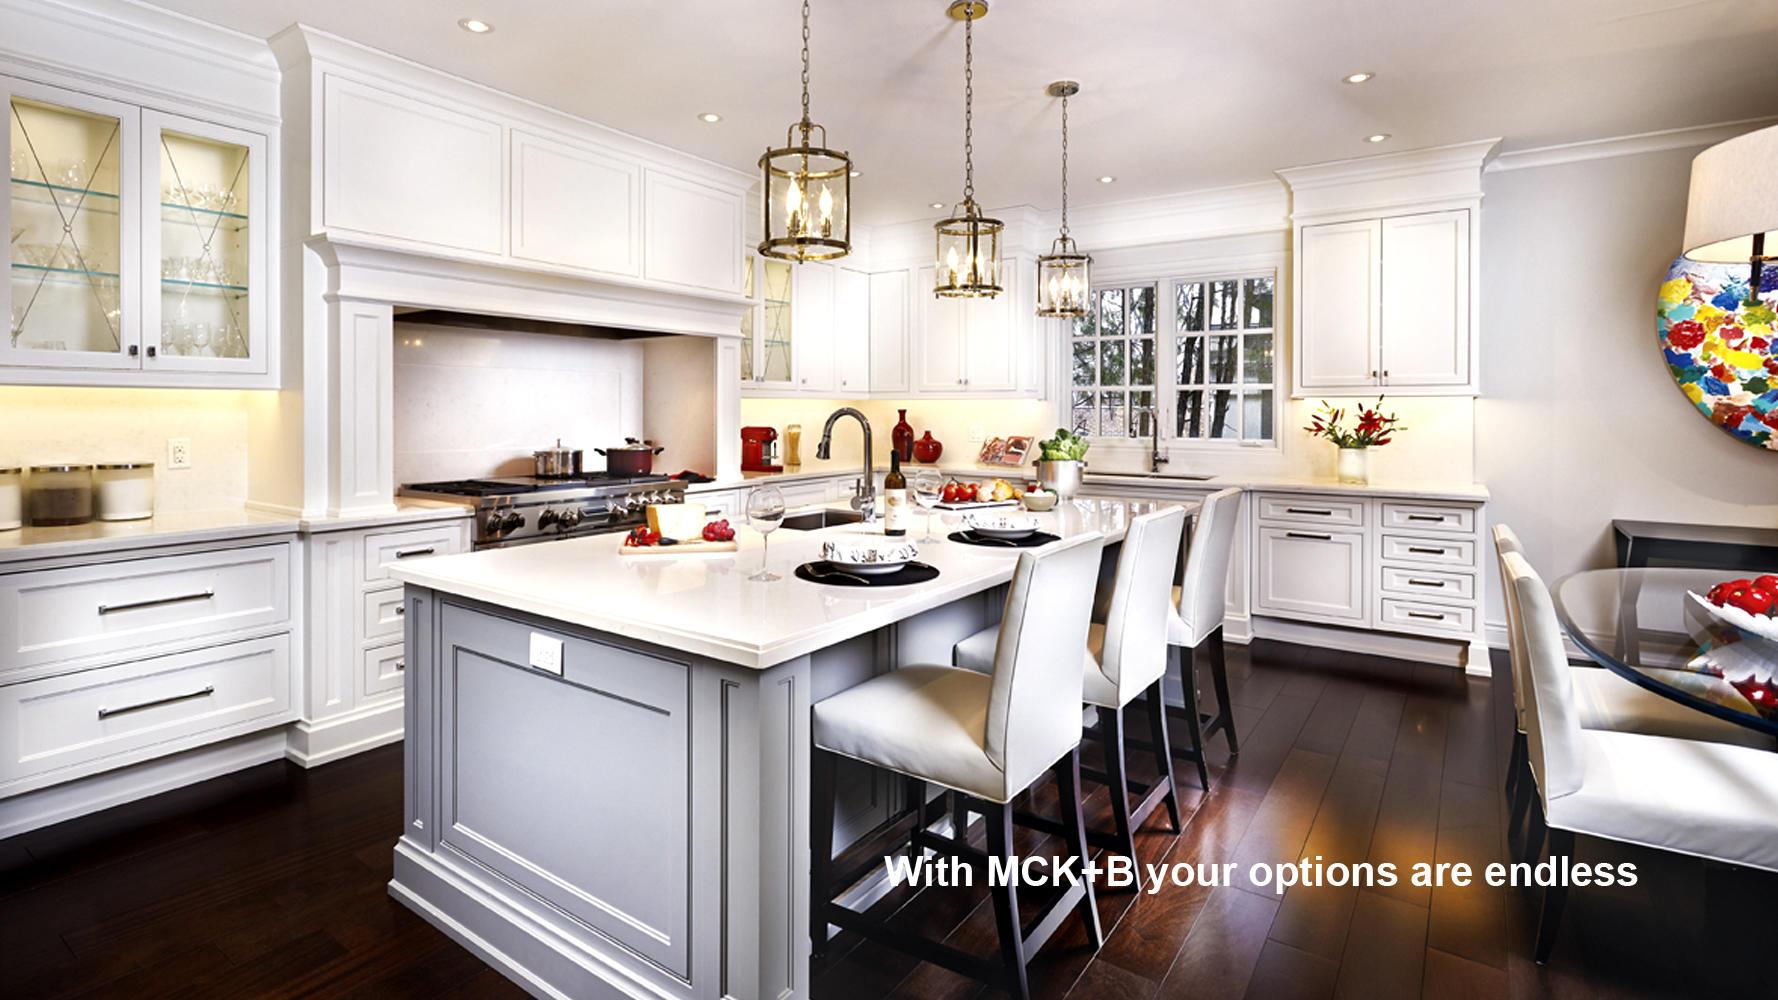 Mckb manhattan center for kitchen and bath new york new for Kitchen and bath